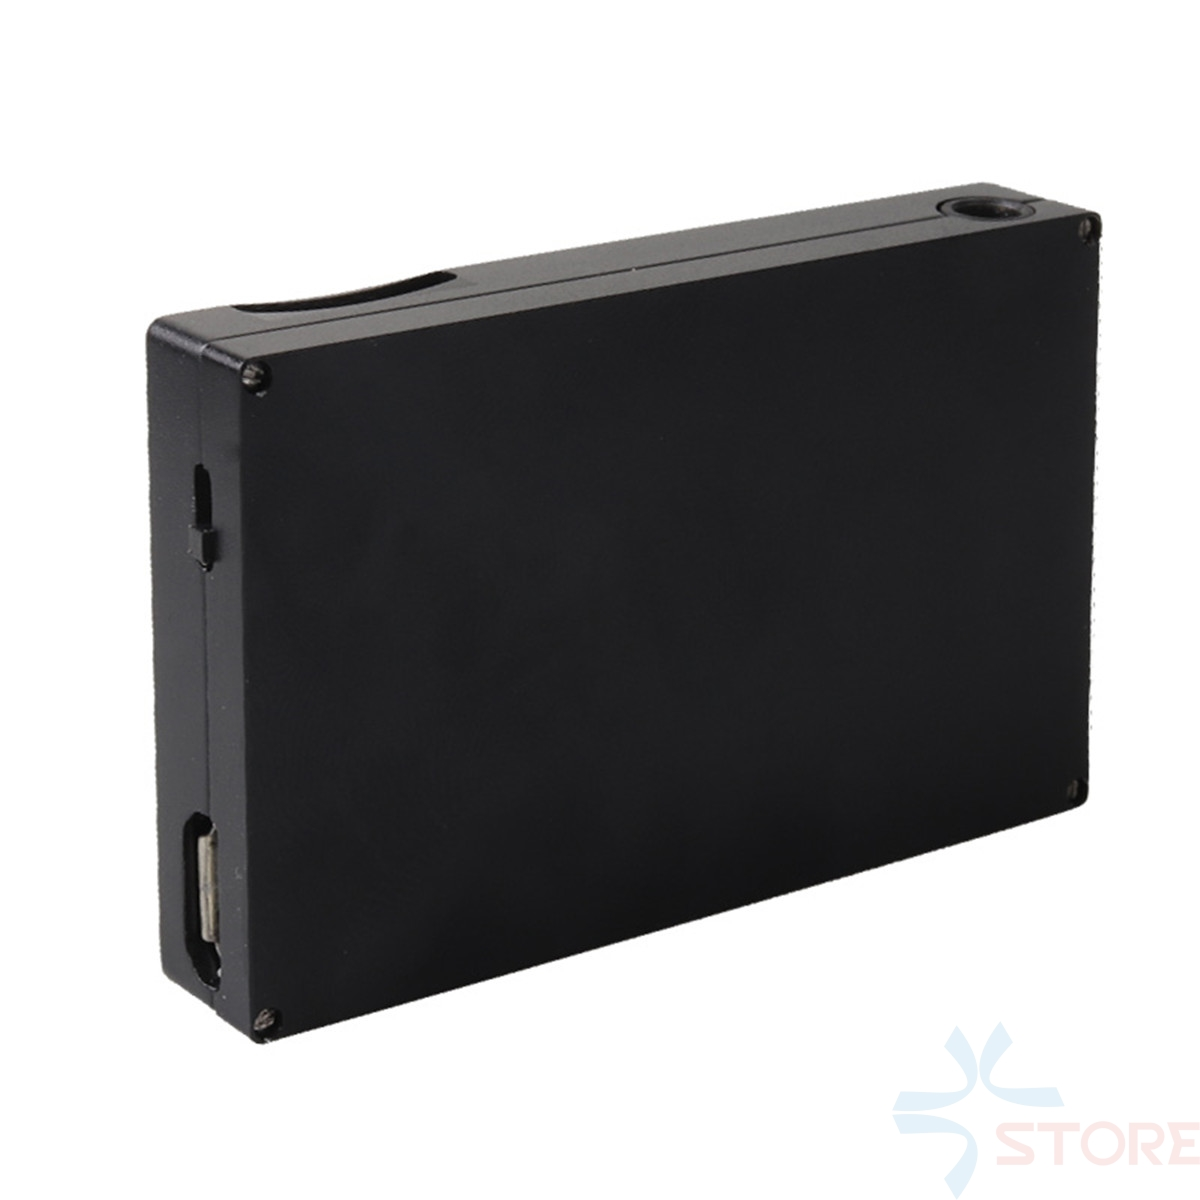 Мини FPV DVR Модуль NTSC/PAL переключаемый встроенный аккумулятор Видео Аудио FPV рекордер для RC моделей гоночных FPV дронов